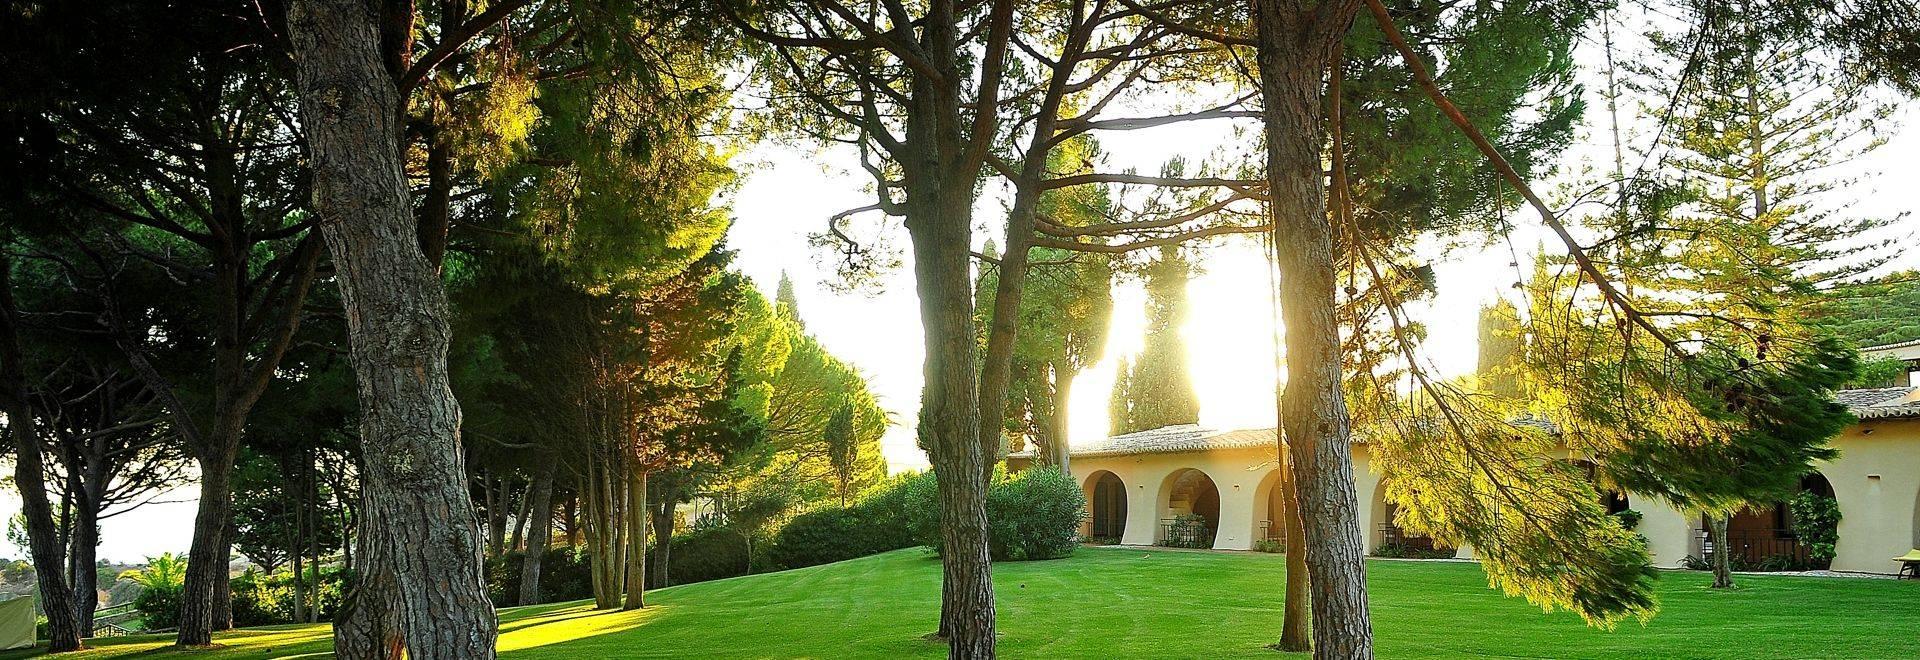 Vilalara-Thalassa-Resort-gardens.jpg